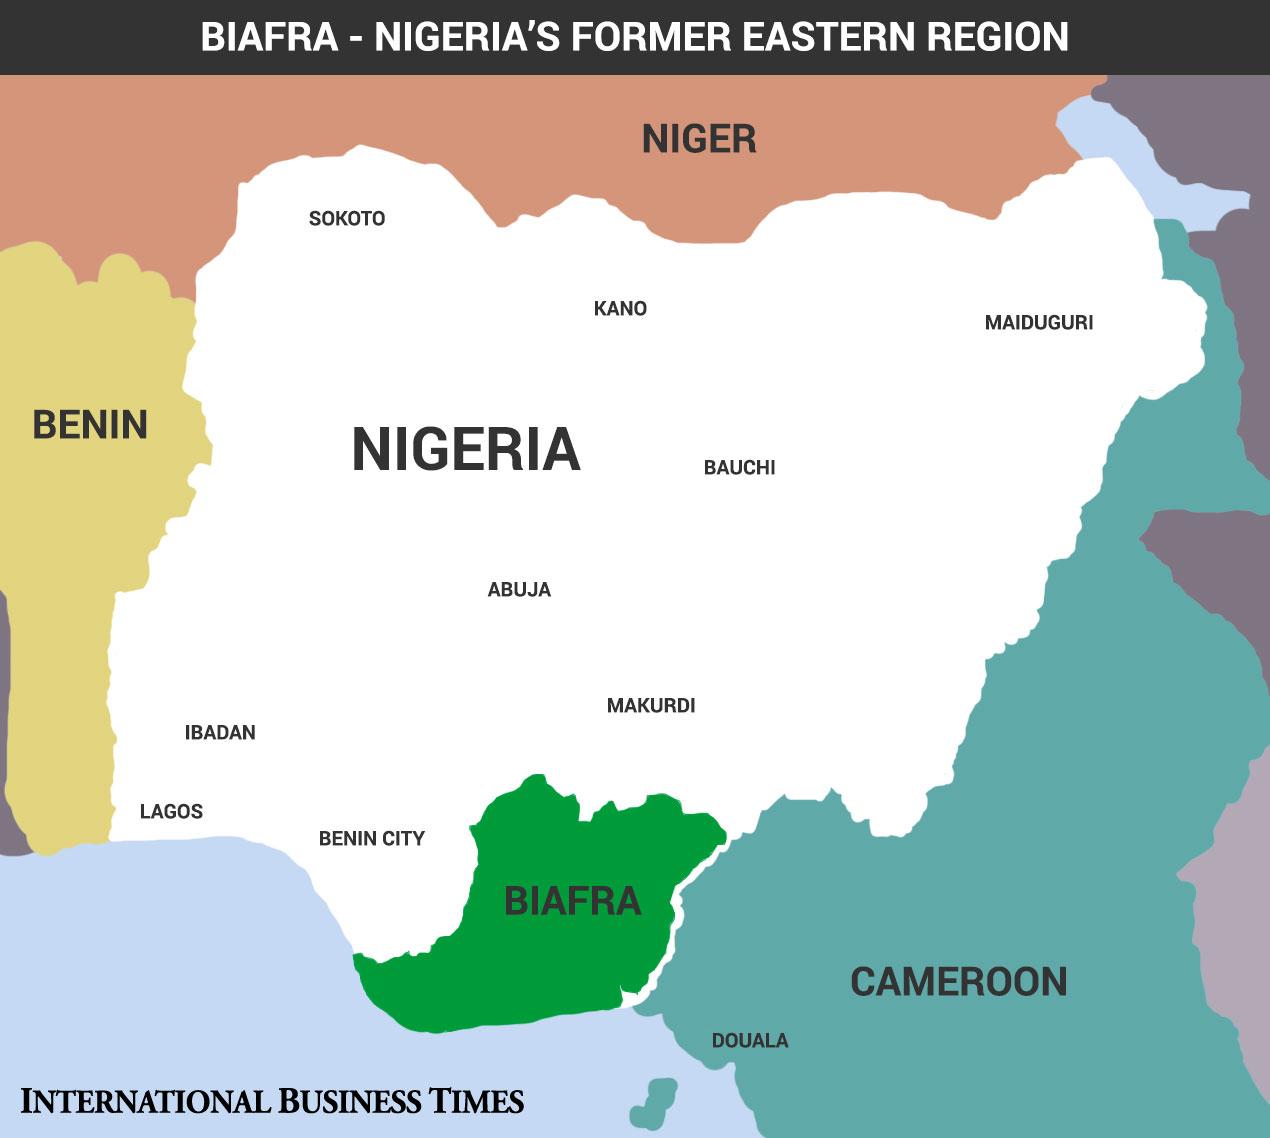 Biafra map